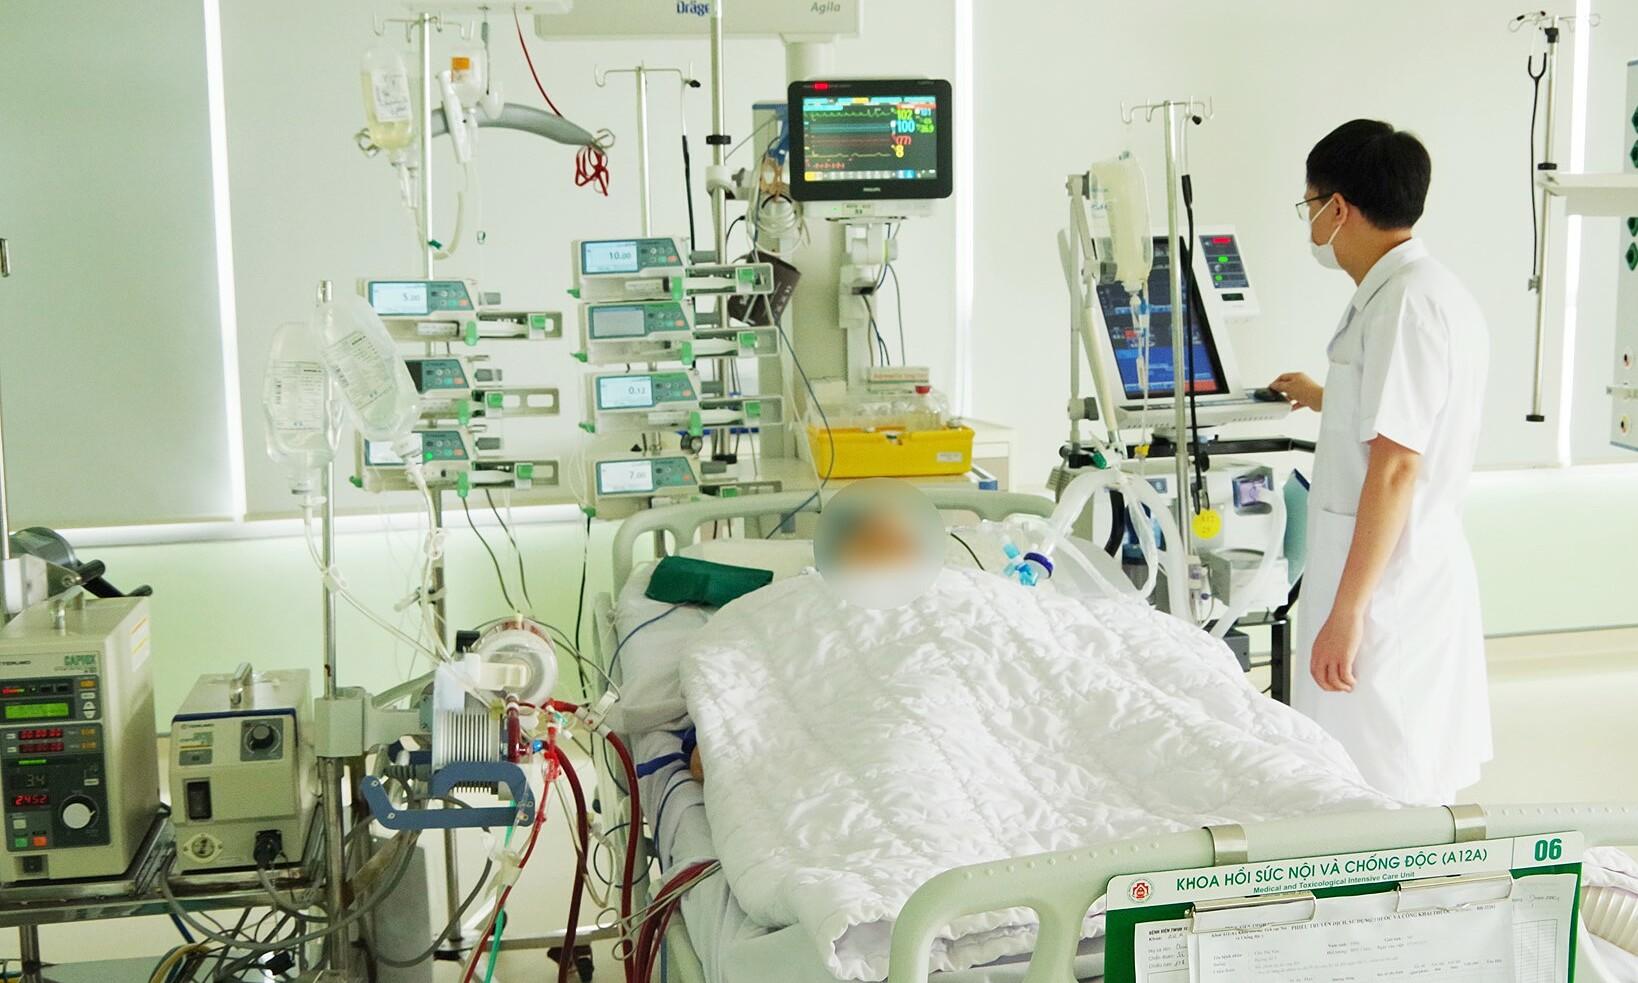 người bệnh được chạy ECMO và điều trị tích cực tại Khoa Hồi sức nội và chống độc.